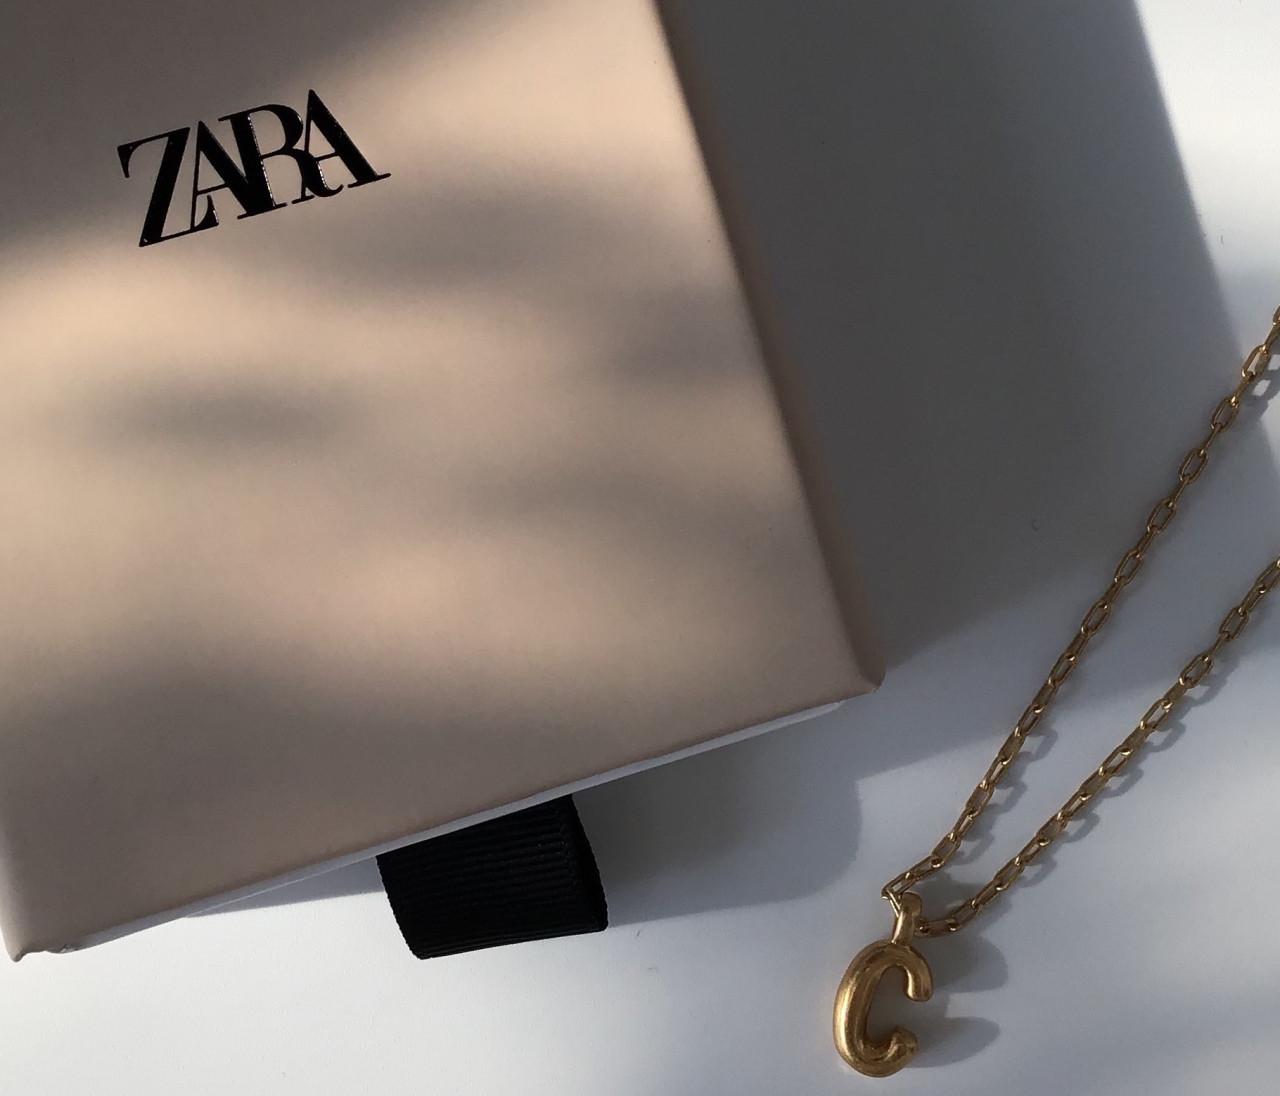 【ZARA(ザラ)】で圧倒的人気!高見えイニシャルネックレスで楽しむレイヤードスタイル  【身長150cmエディターchiaki】